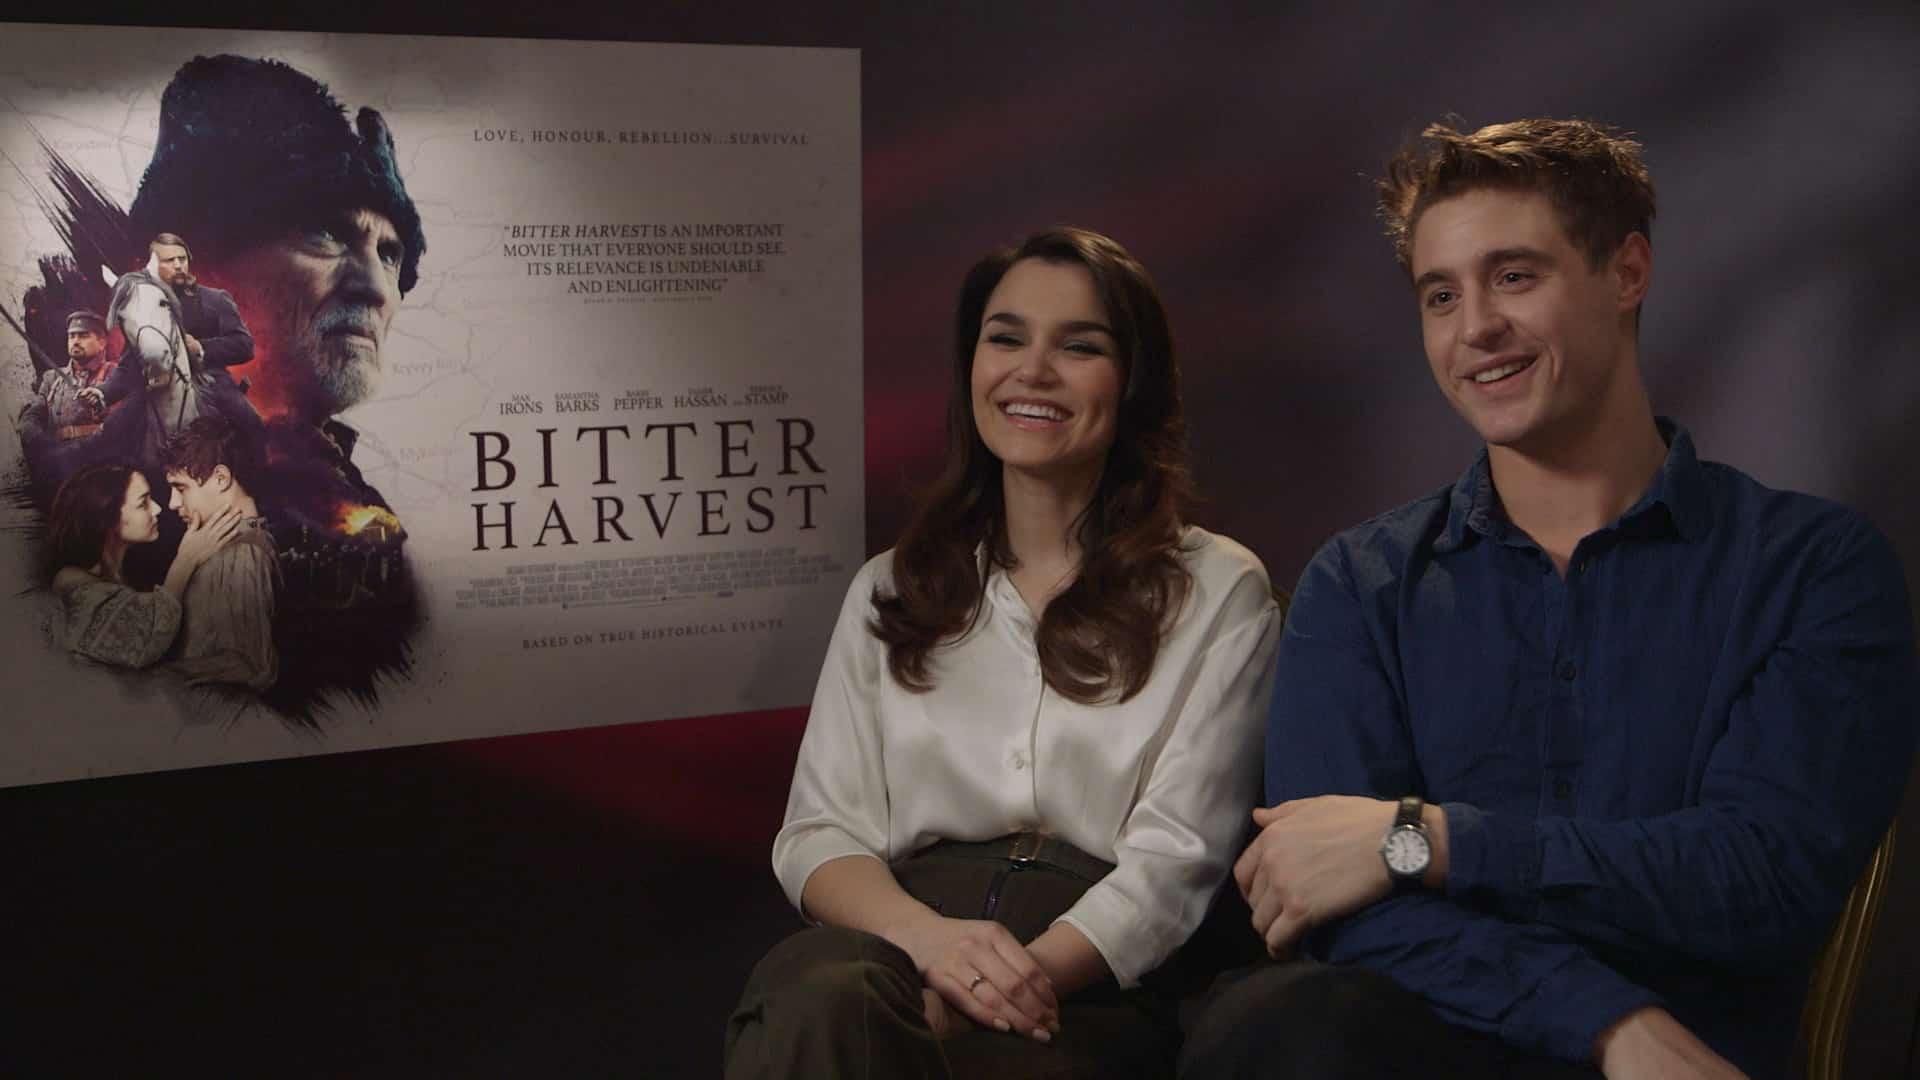 Bitter harvest junket digital media services uk limited ccuart Image collections